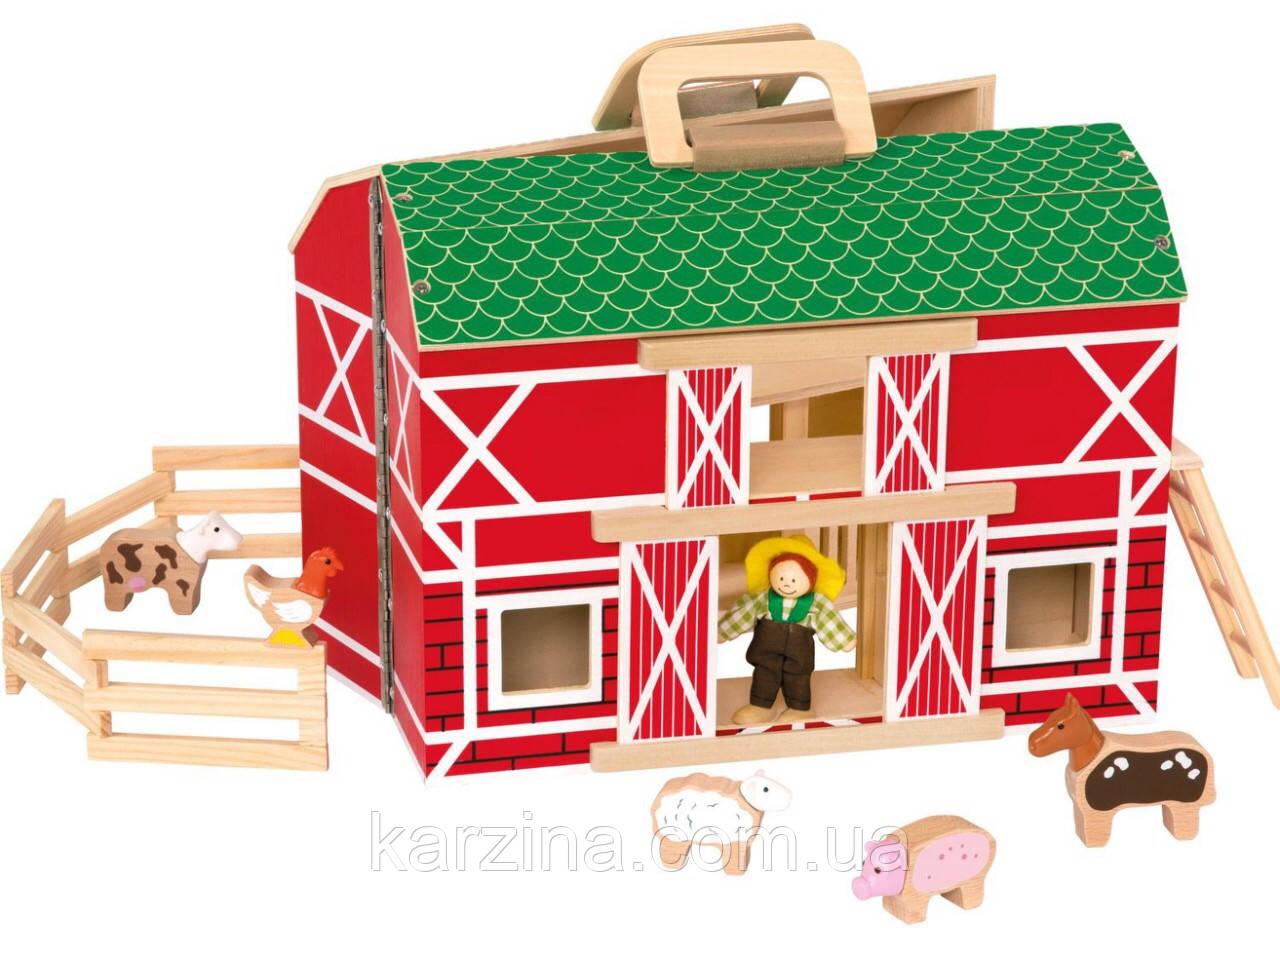 Деревянный игровой набор Ферма Playtive